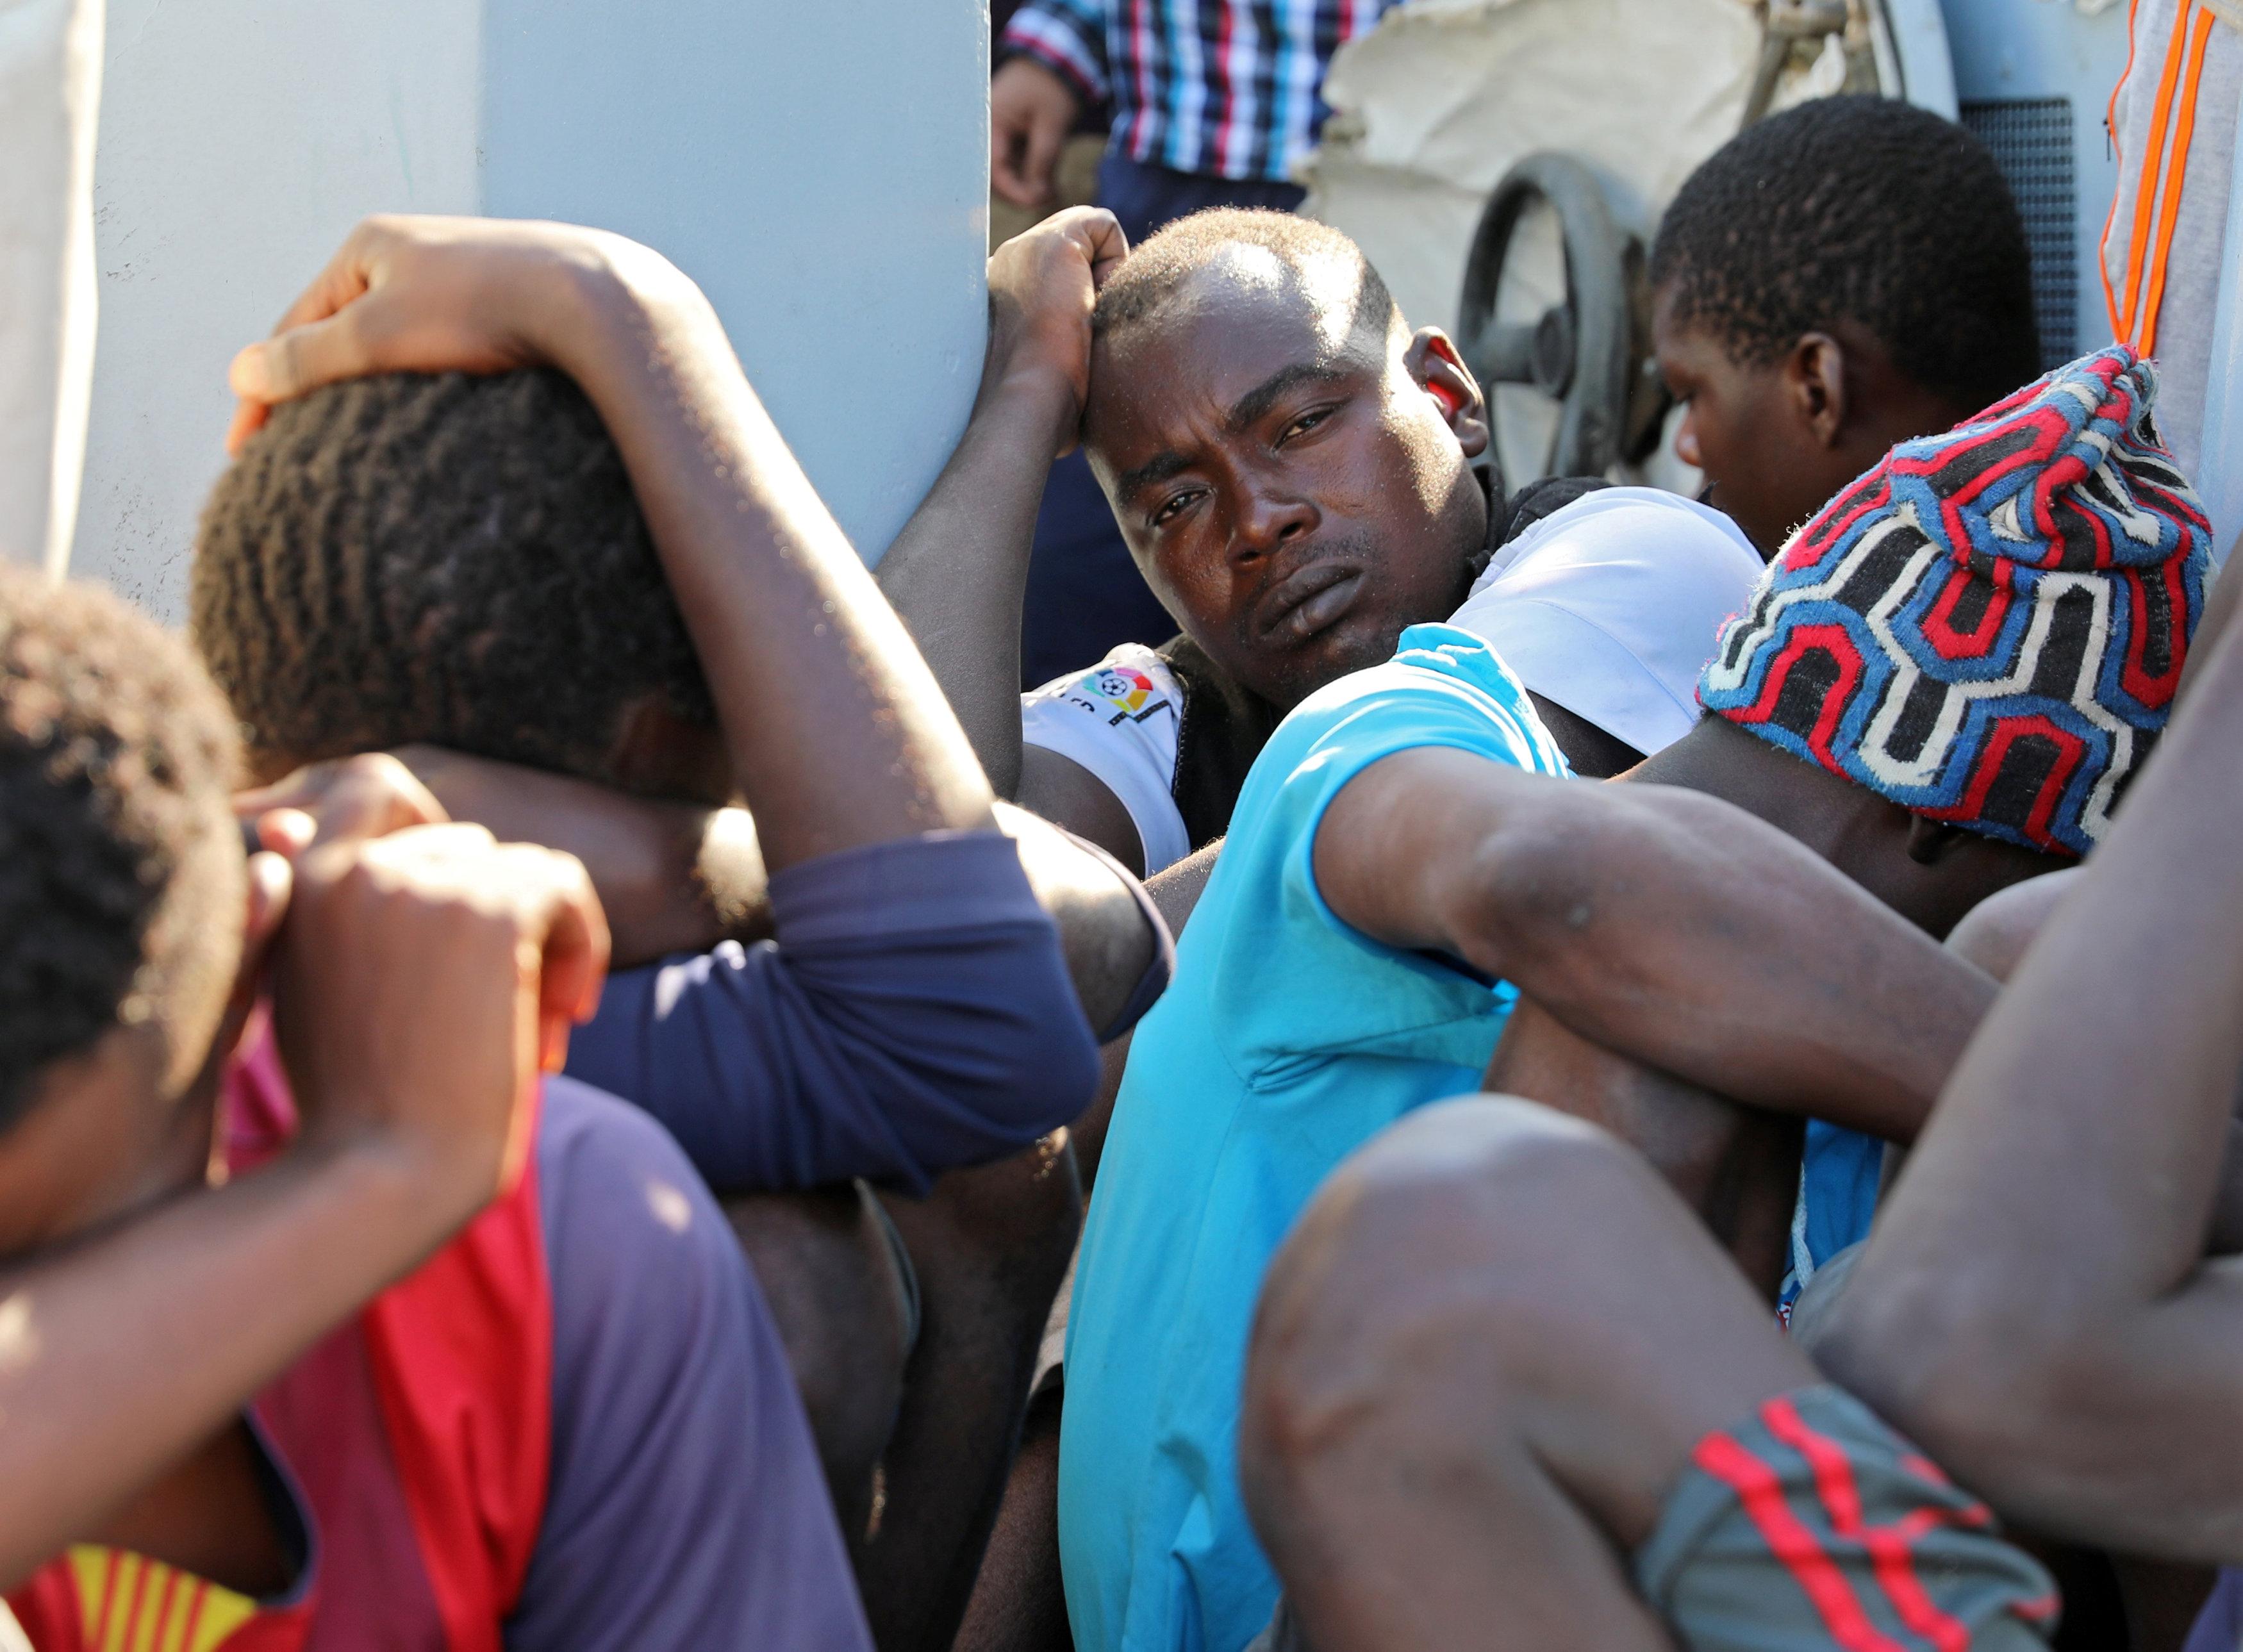 المهاجرين اليبيين